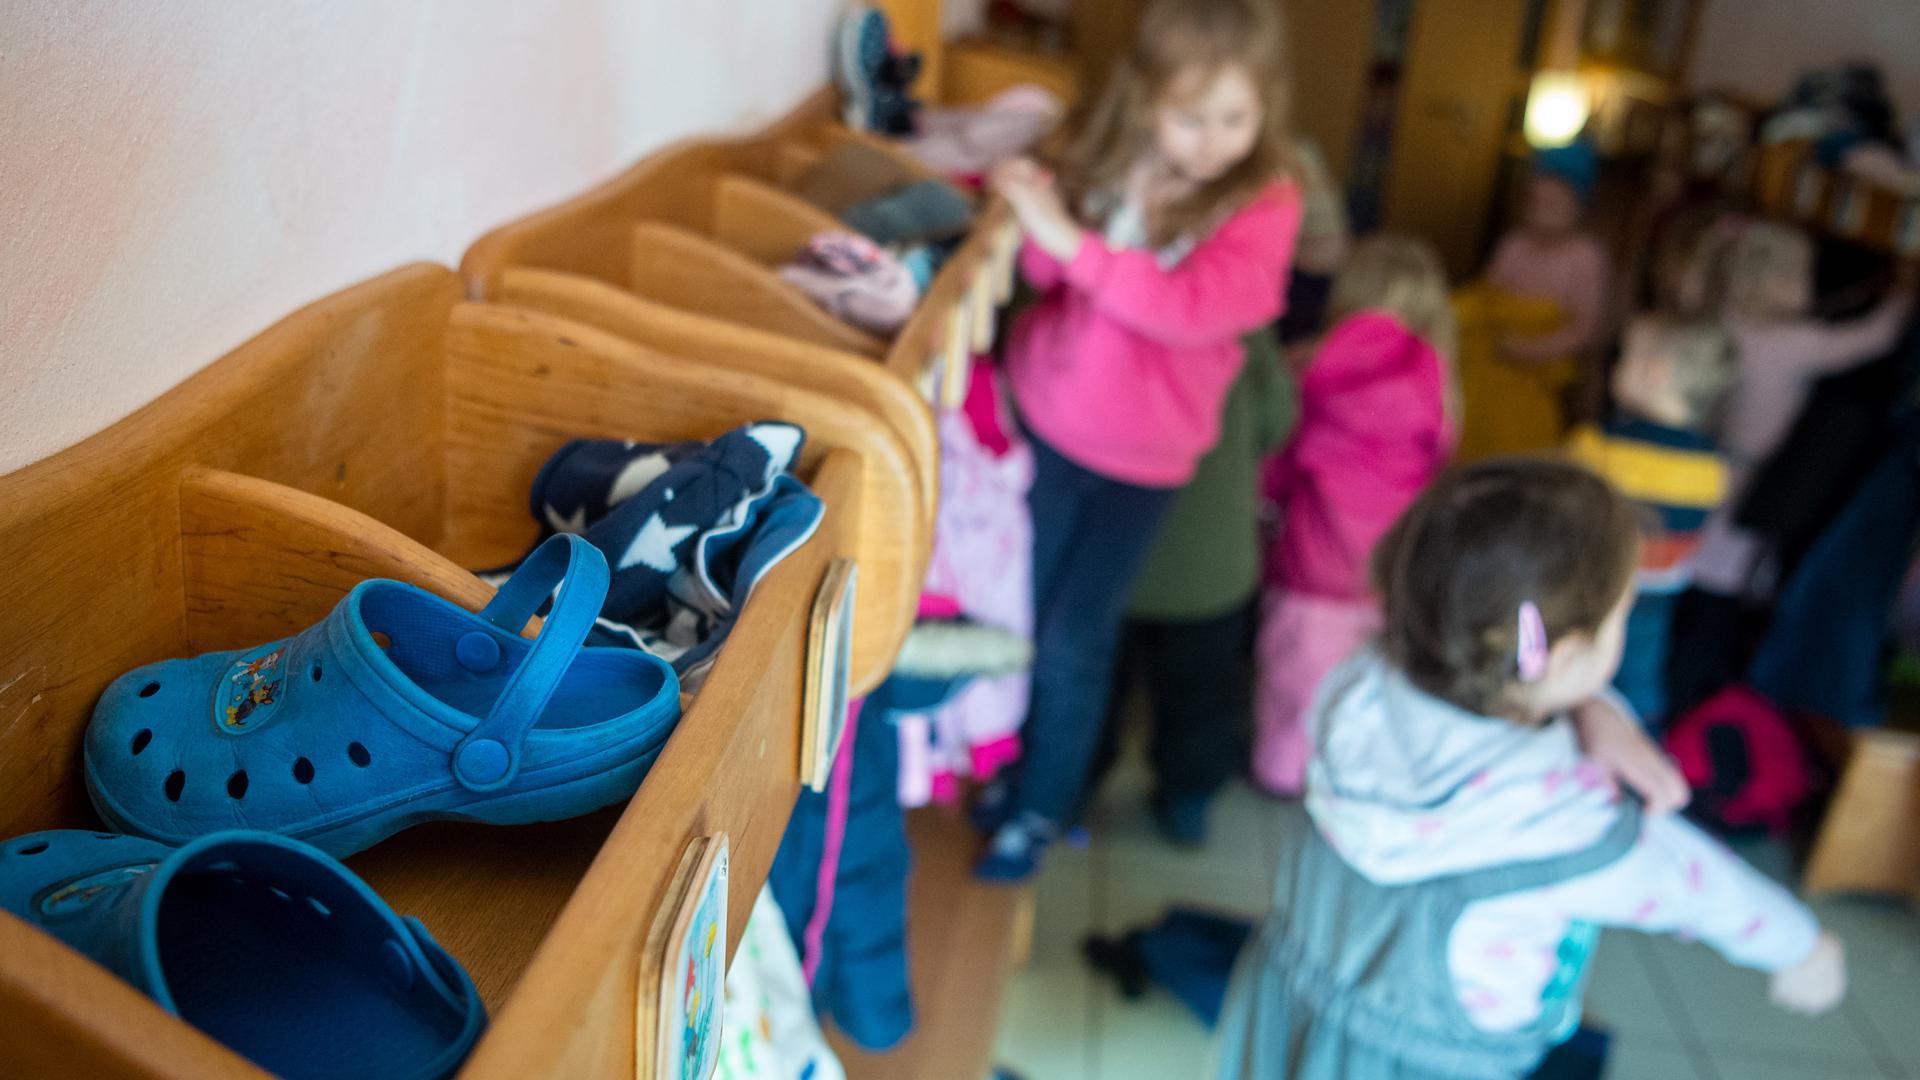 Kindertagesstätten machen die Gesundheitsämter in der Region zunehmend als Infektionsherde aus.